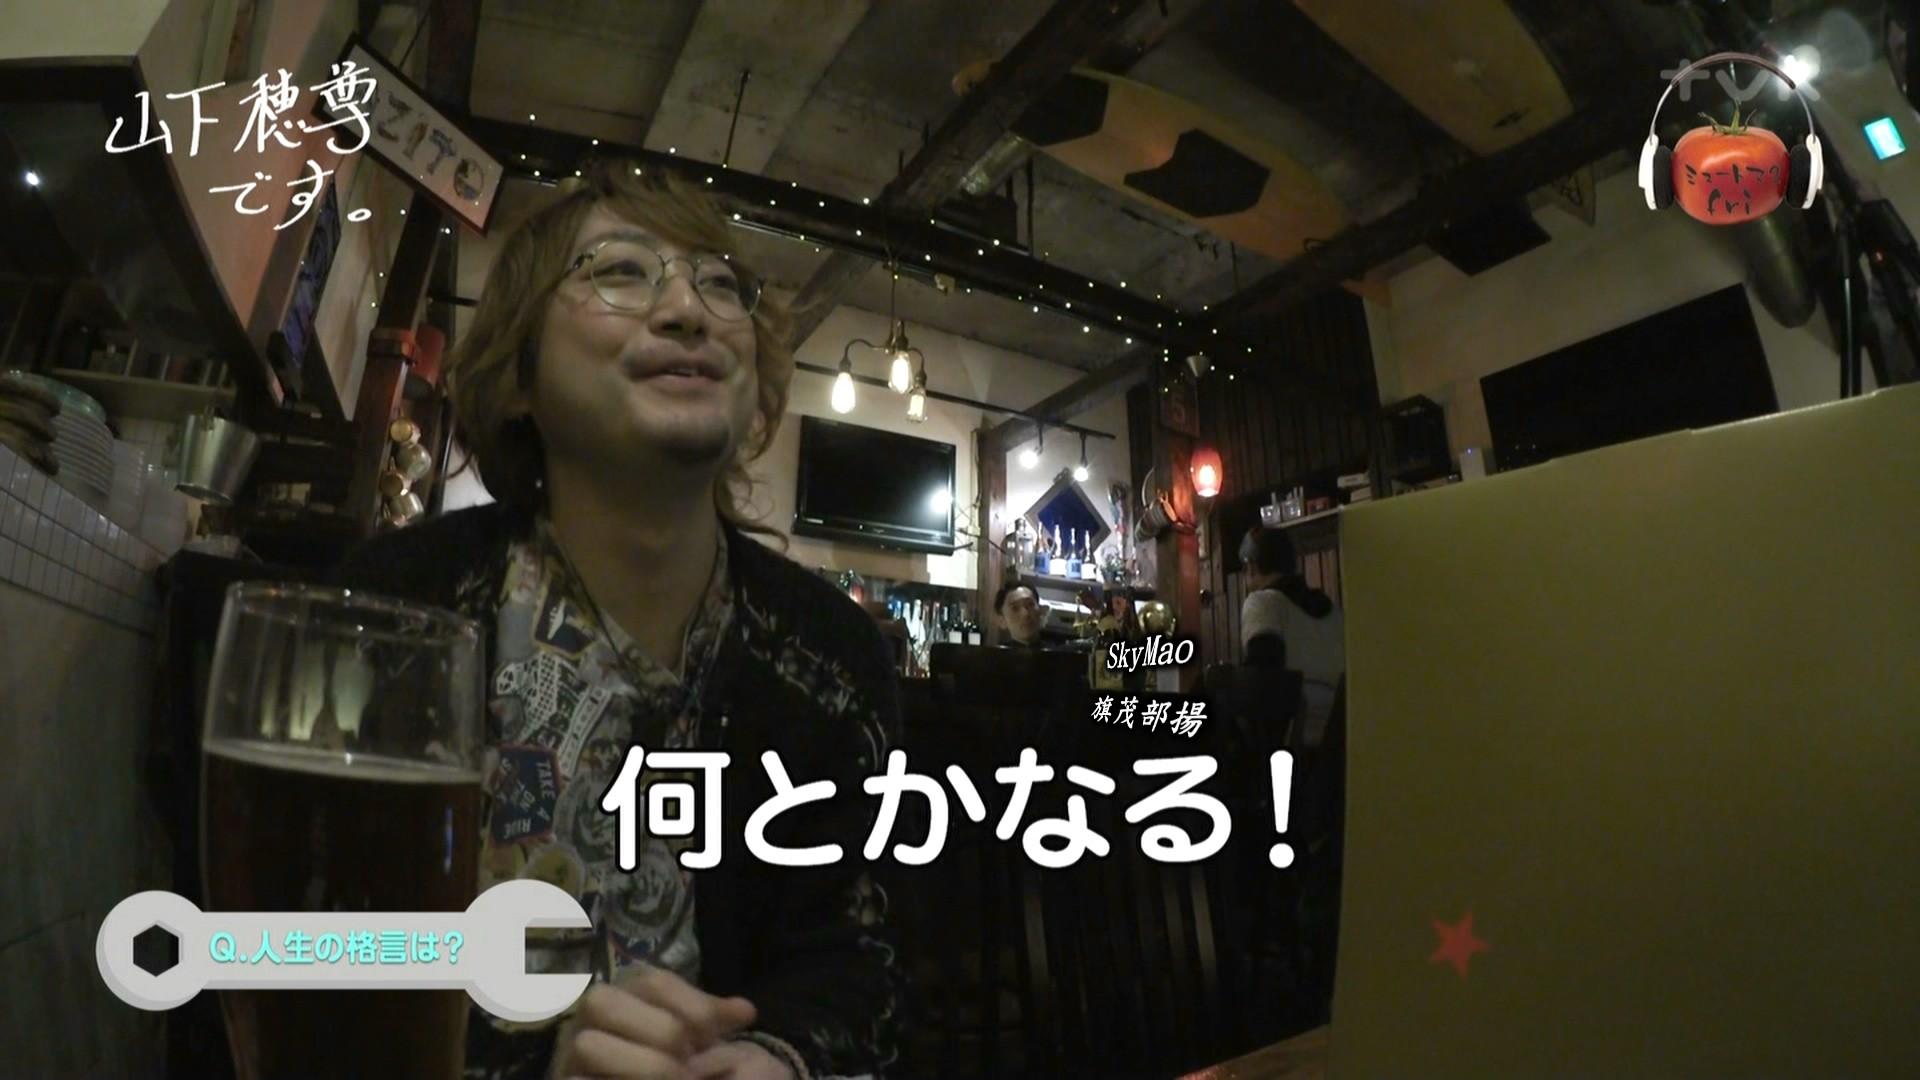 2017.04.14 全場(ミュートマ2).ts_20170415_002400.371